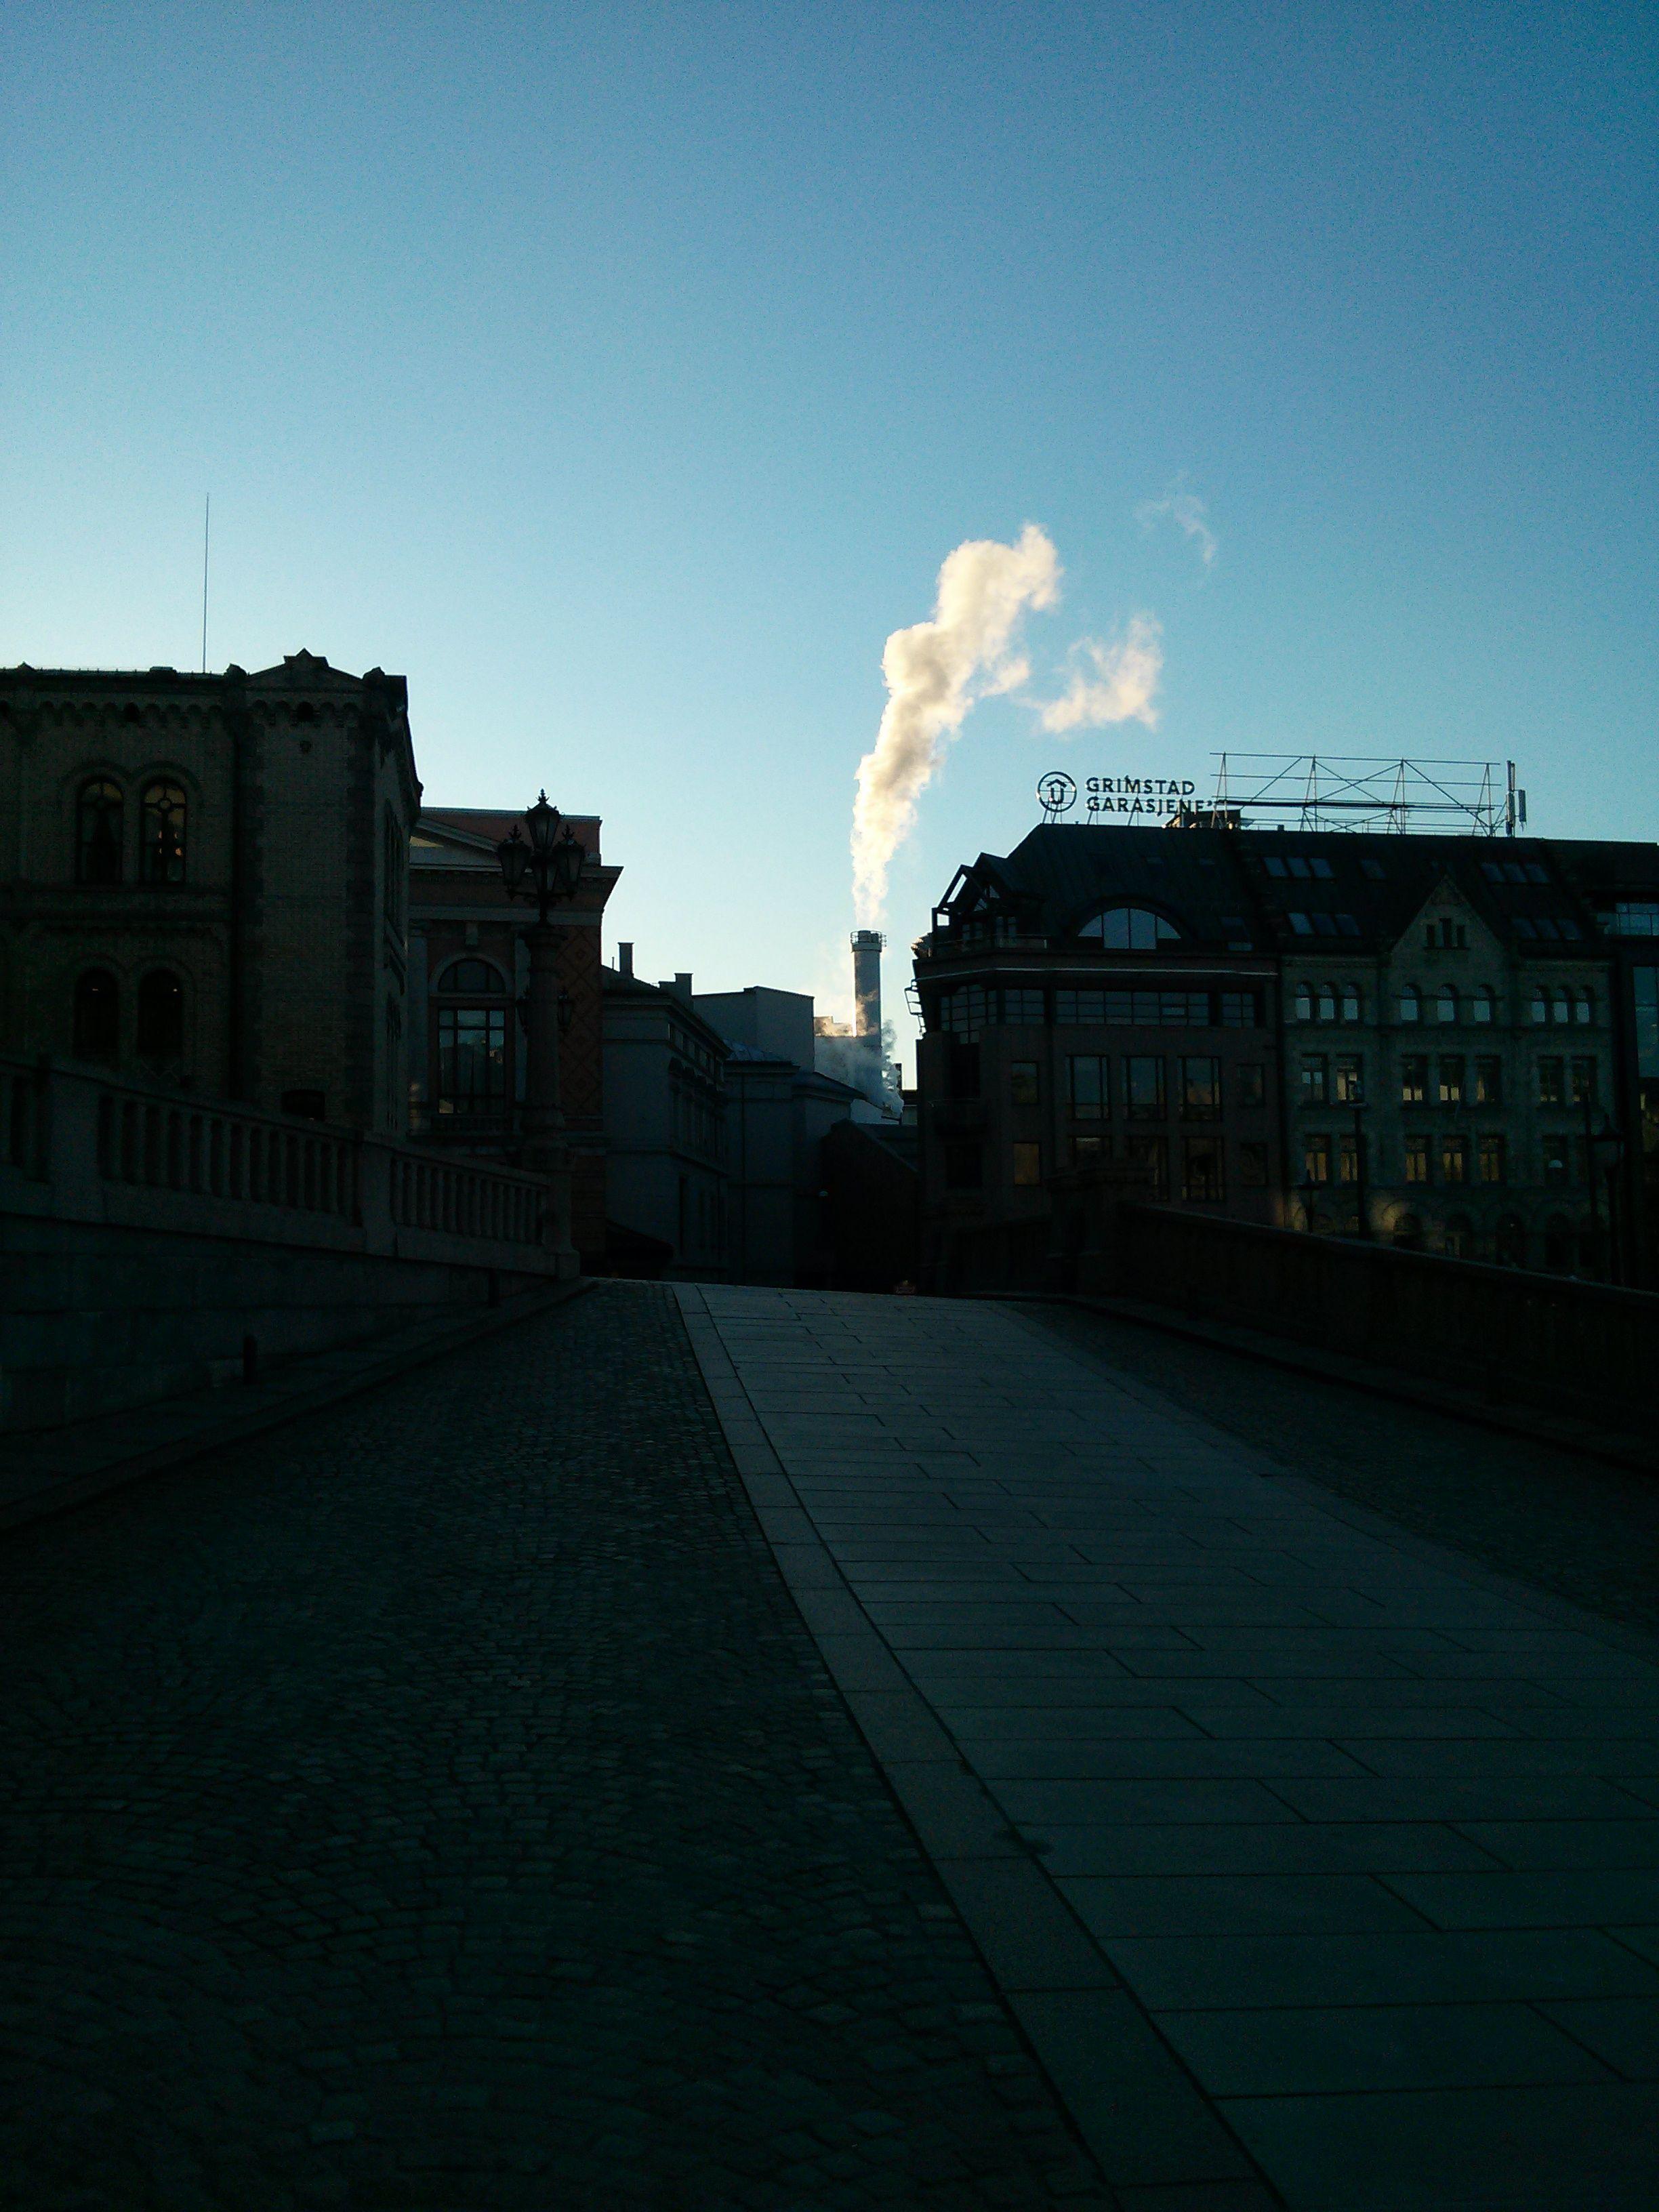 Her har vi tatt med mer av himmelen. Pipen og røyken som kommer fra den er gjengitt godt, men bakken er undereksponert.